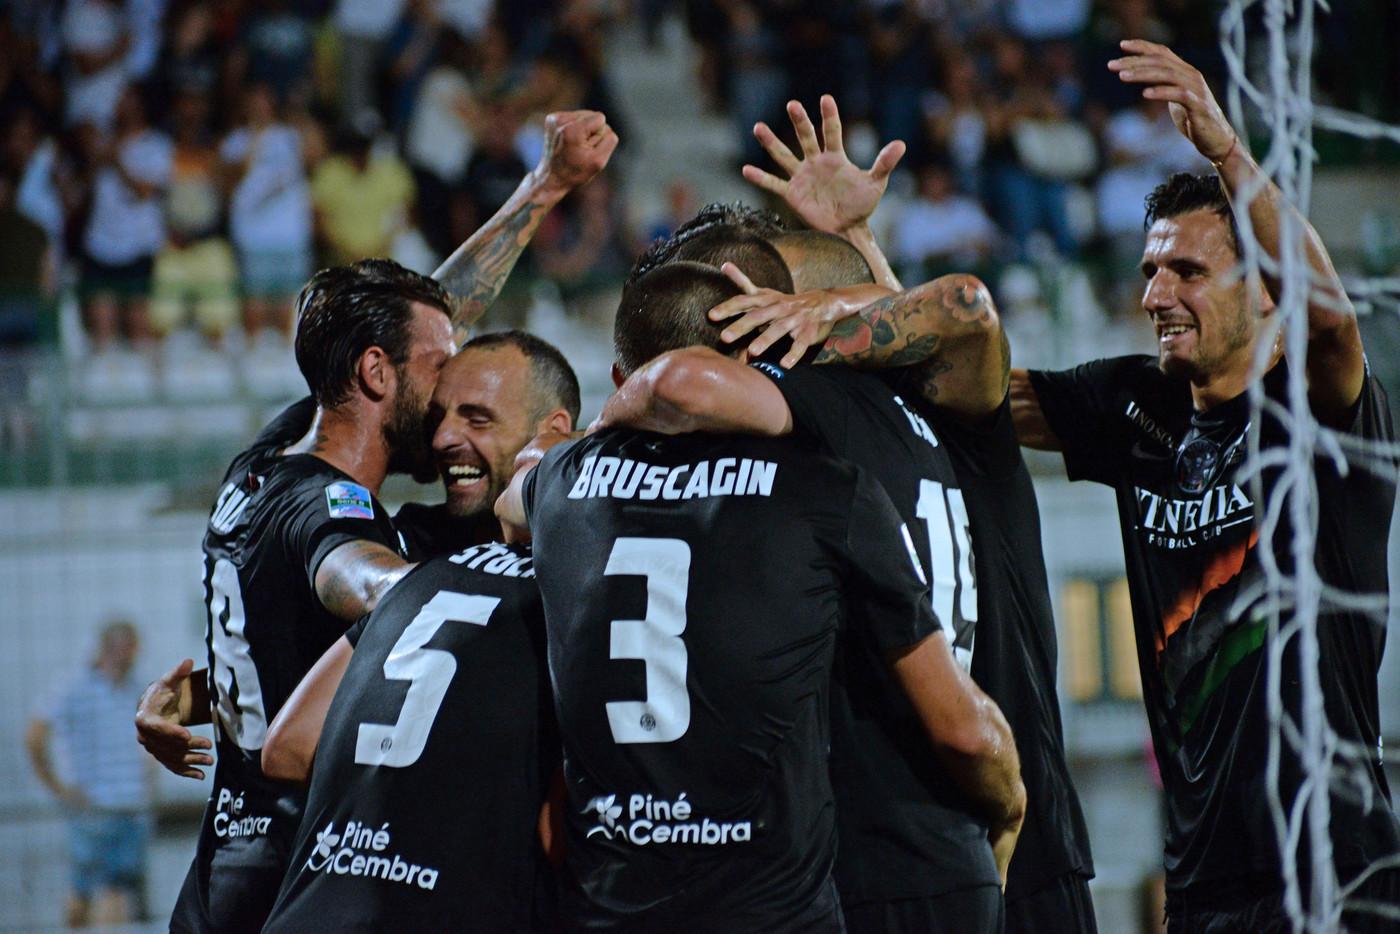 Serie B, Padova-Venezia sabato 1 settembre: analisi e pronostico della secodna giornata della seconda divisione italiana